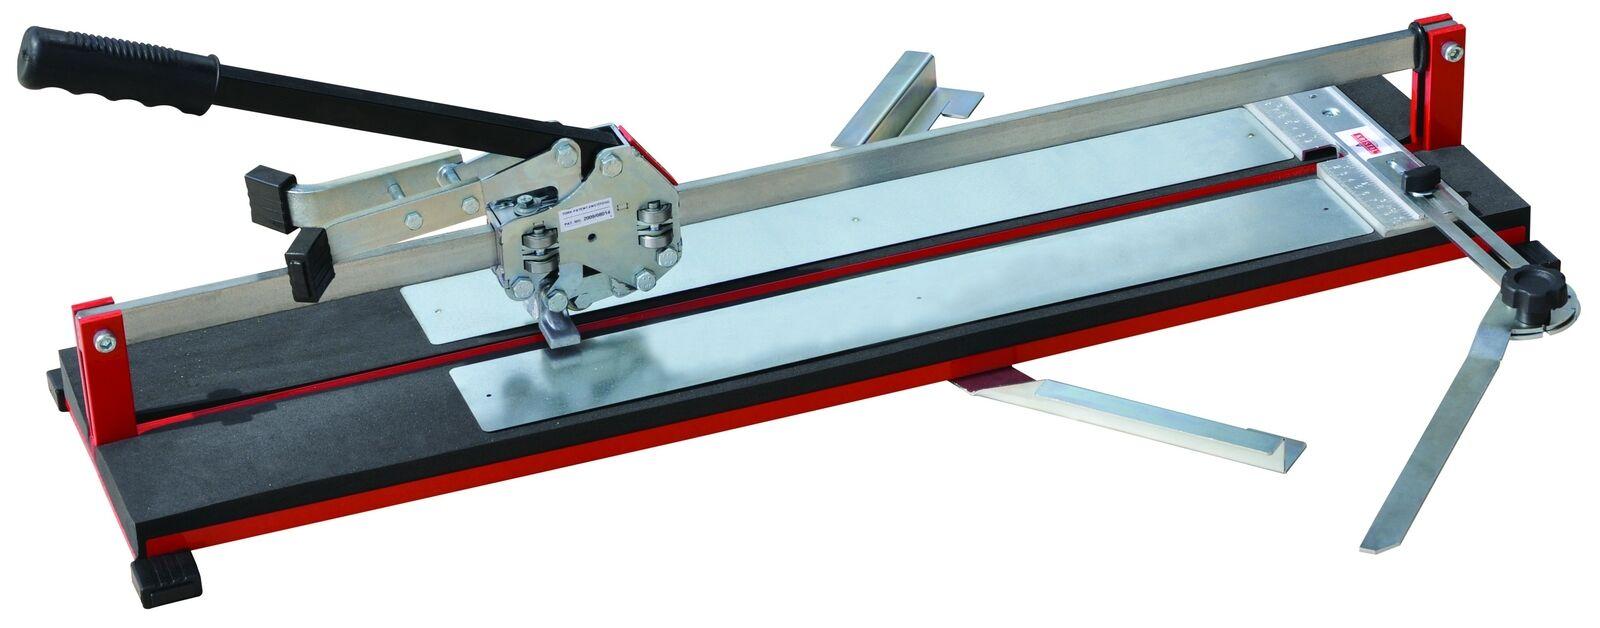 Fliesenschneider MasterCut  850 mm | Schön In Der Farbe  | Kaufen  | Vorzügliche Verarbeitung